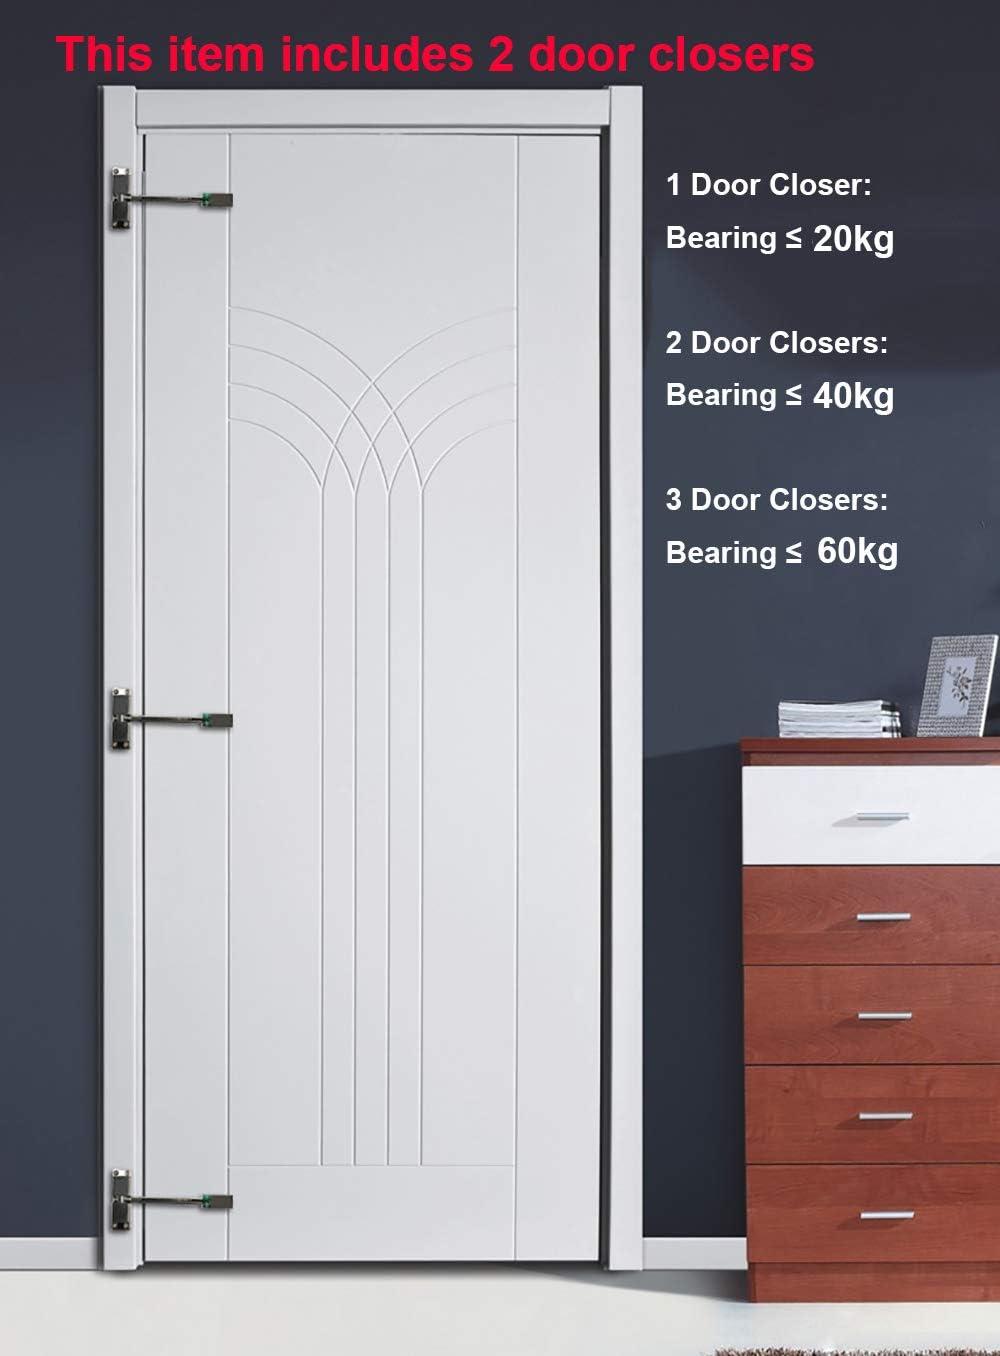 2 pieza Cierrapuertas, Cierre de puerta automático, Tensión ajustable, soporte hasta 40kg, viene con llave hexagonal y tornillos: Amazon.es: Bricolaje y herramientas